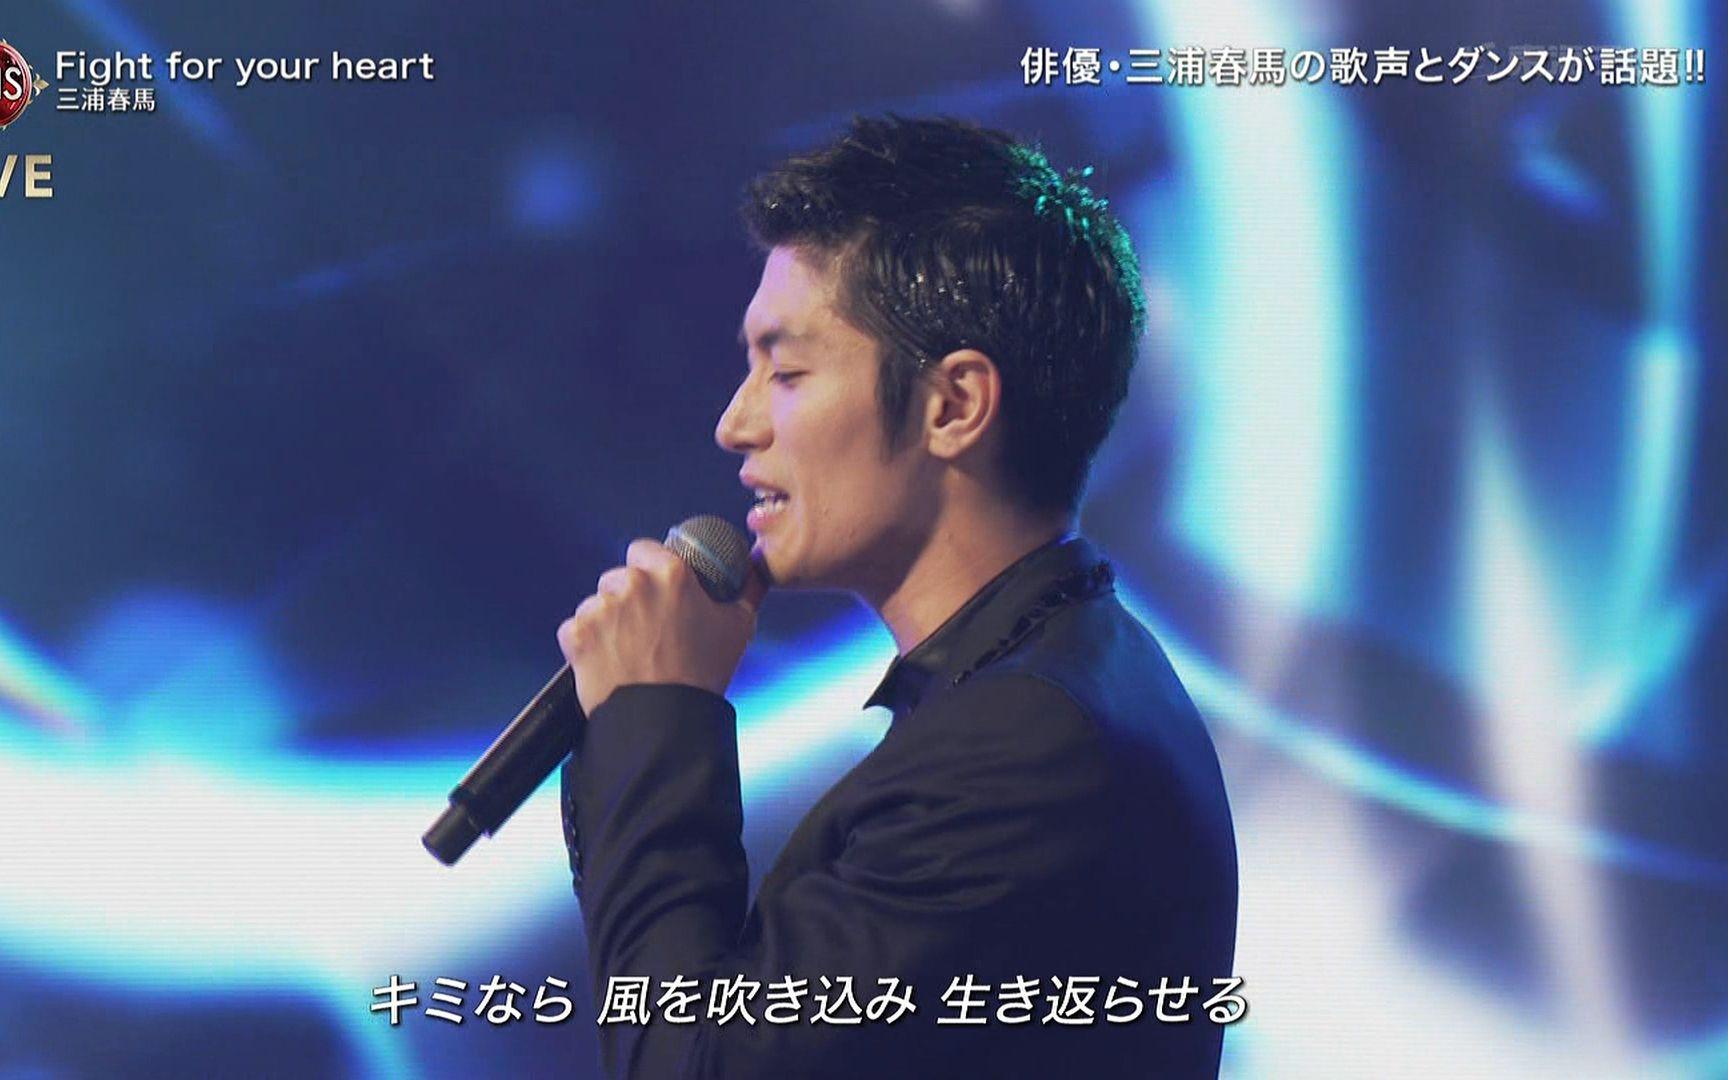 春 your heart 歌詞 馬 for fight 三浦